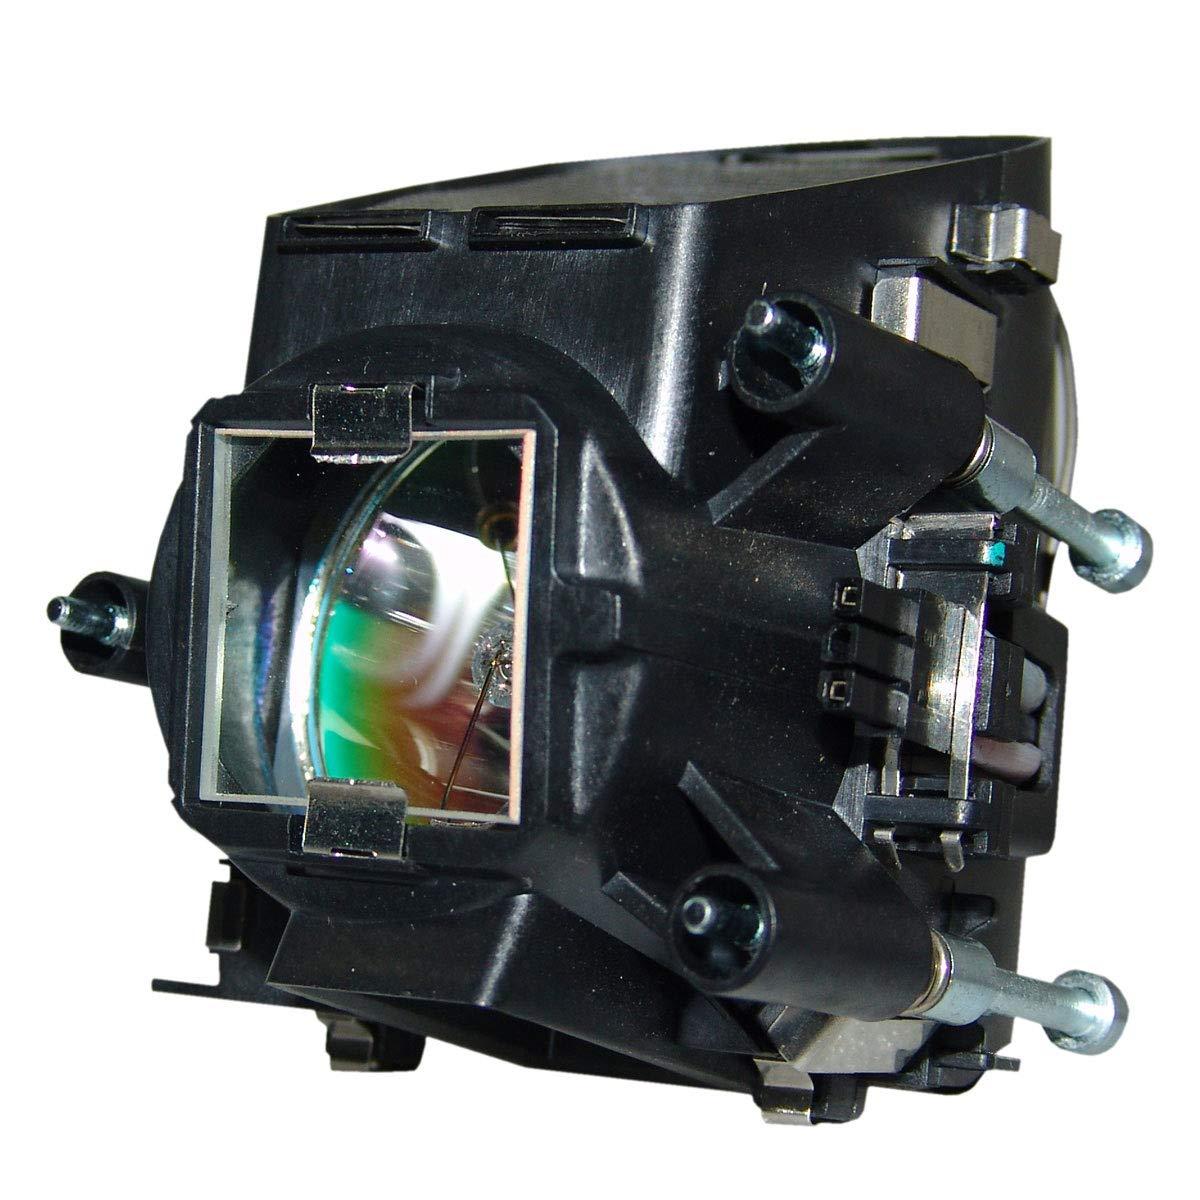 デジタルプロジェクション iVision 30-1080P-W プロジェクターランプ オリジナルOEM電球 内側   B00X2CTOBY